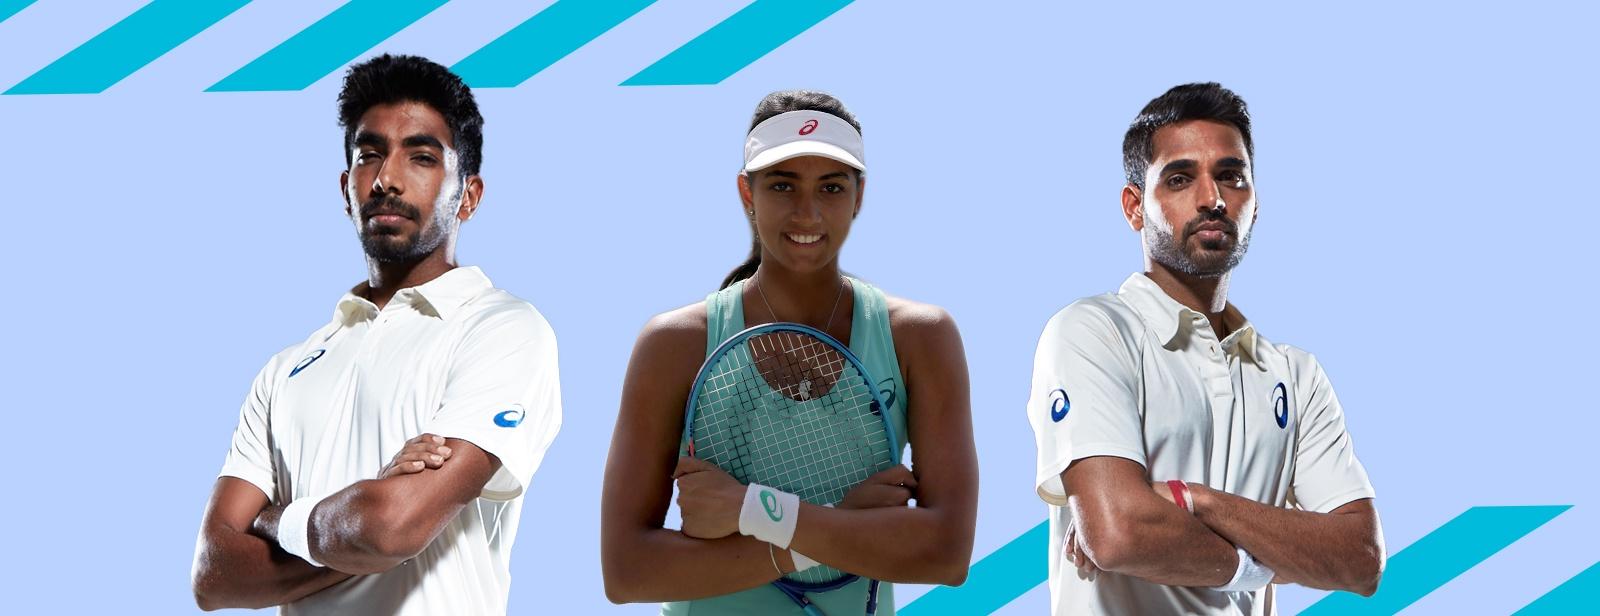 ASICS Athletes | ASICS India